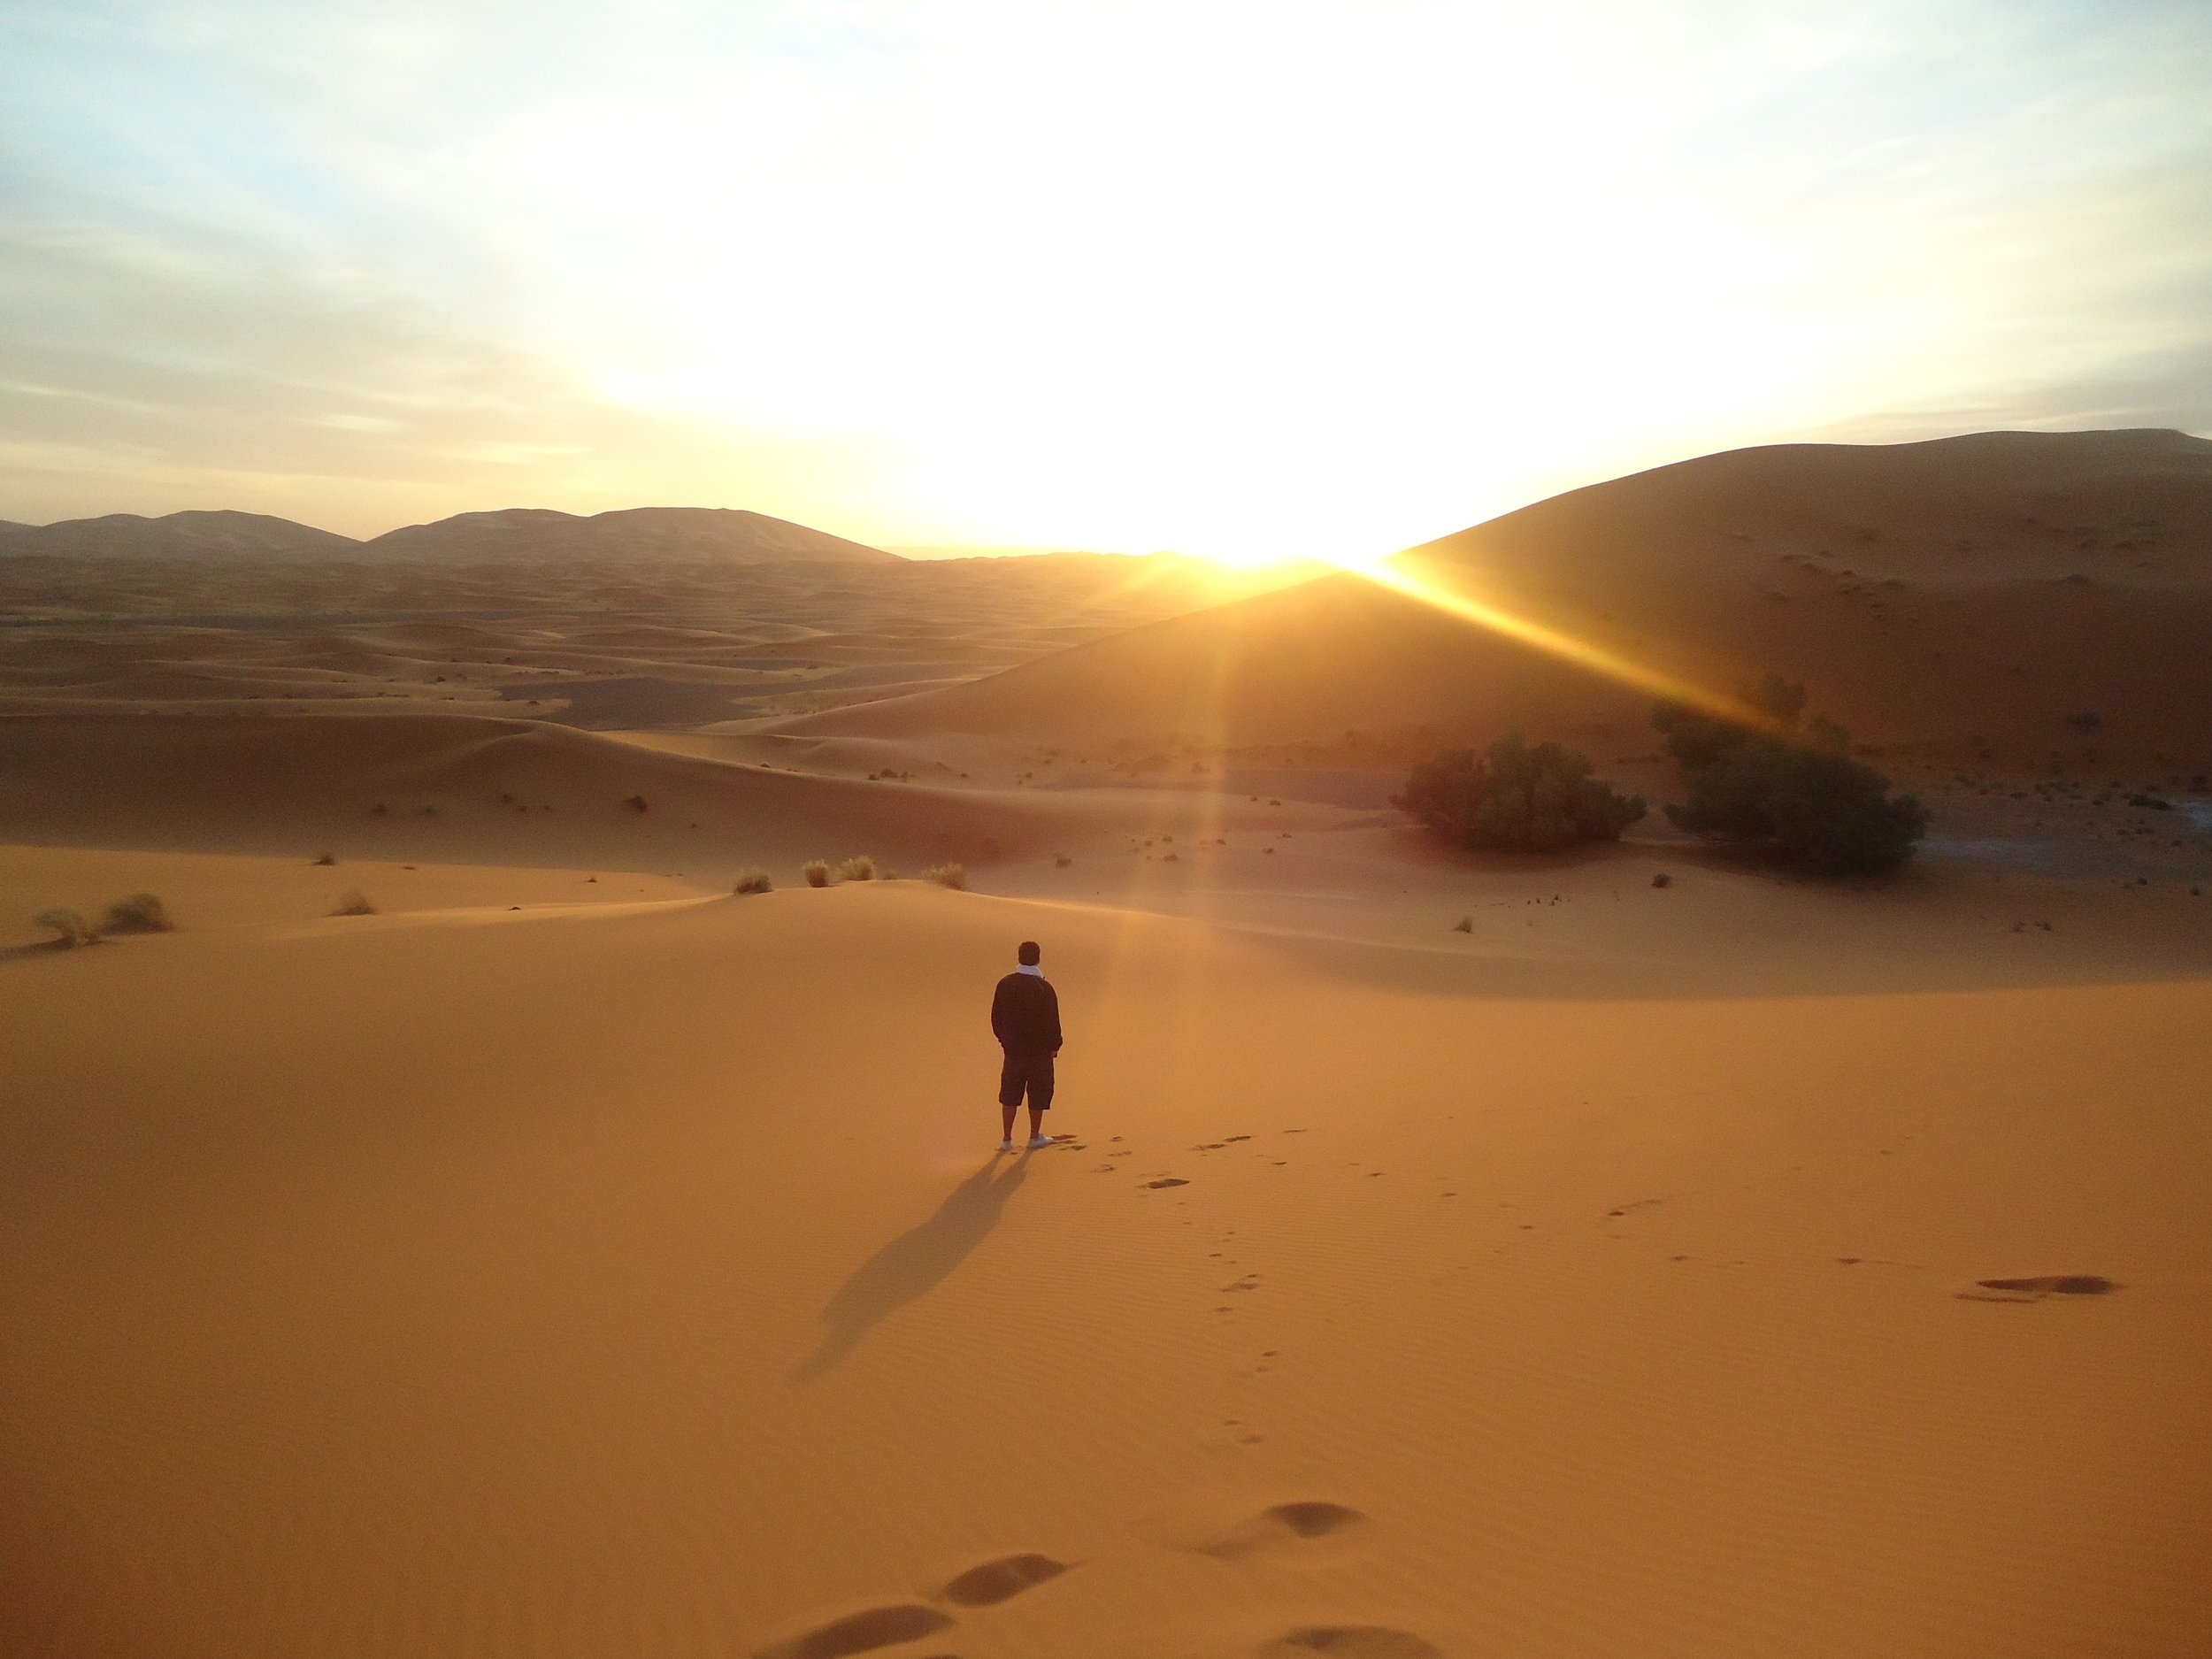 backlit-dawn-desert-774835.jpg